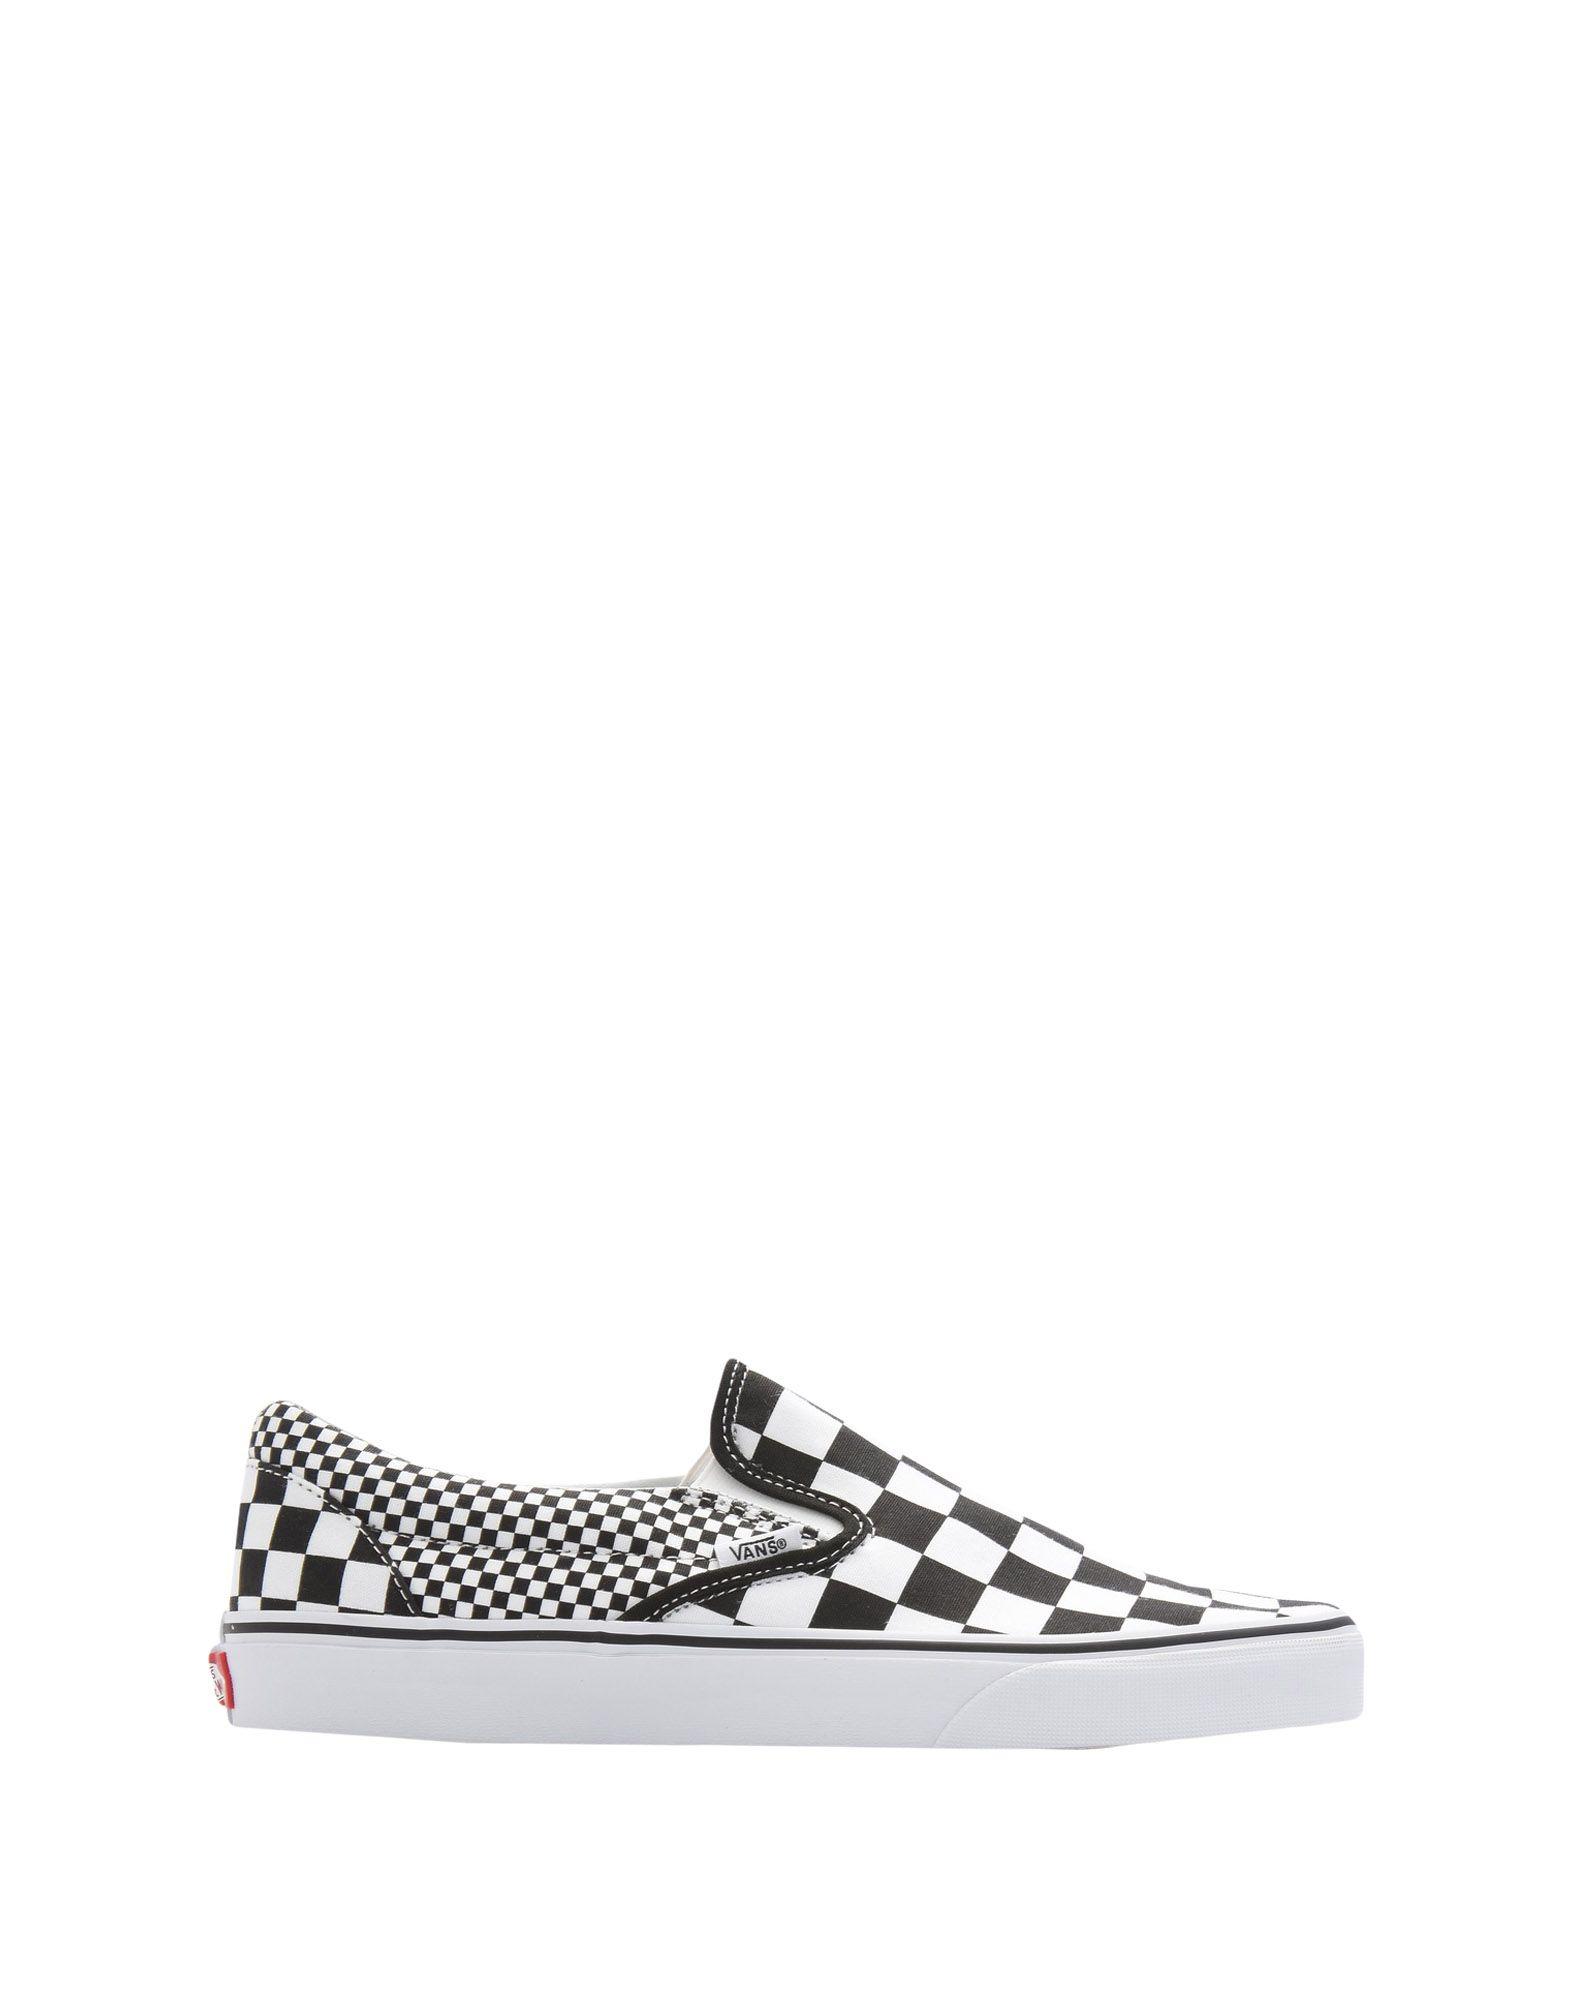 Vans Ua Classic Slip-On Slip-On Slip-On - Sneakers - Men Vans Sneakers online on  Australia - 11452024HF ab5575